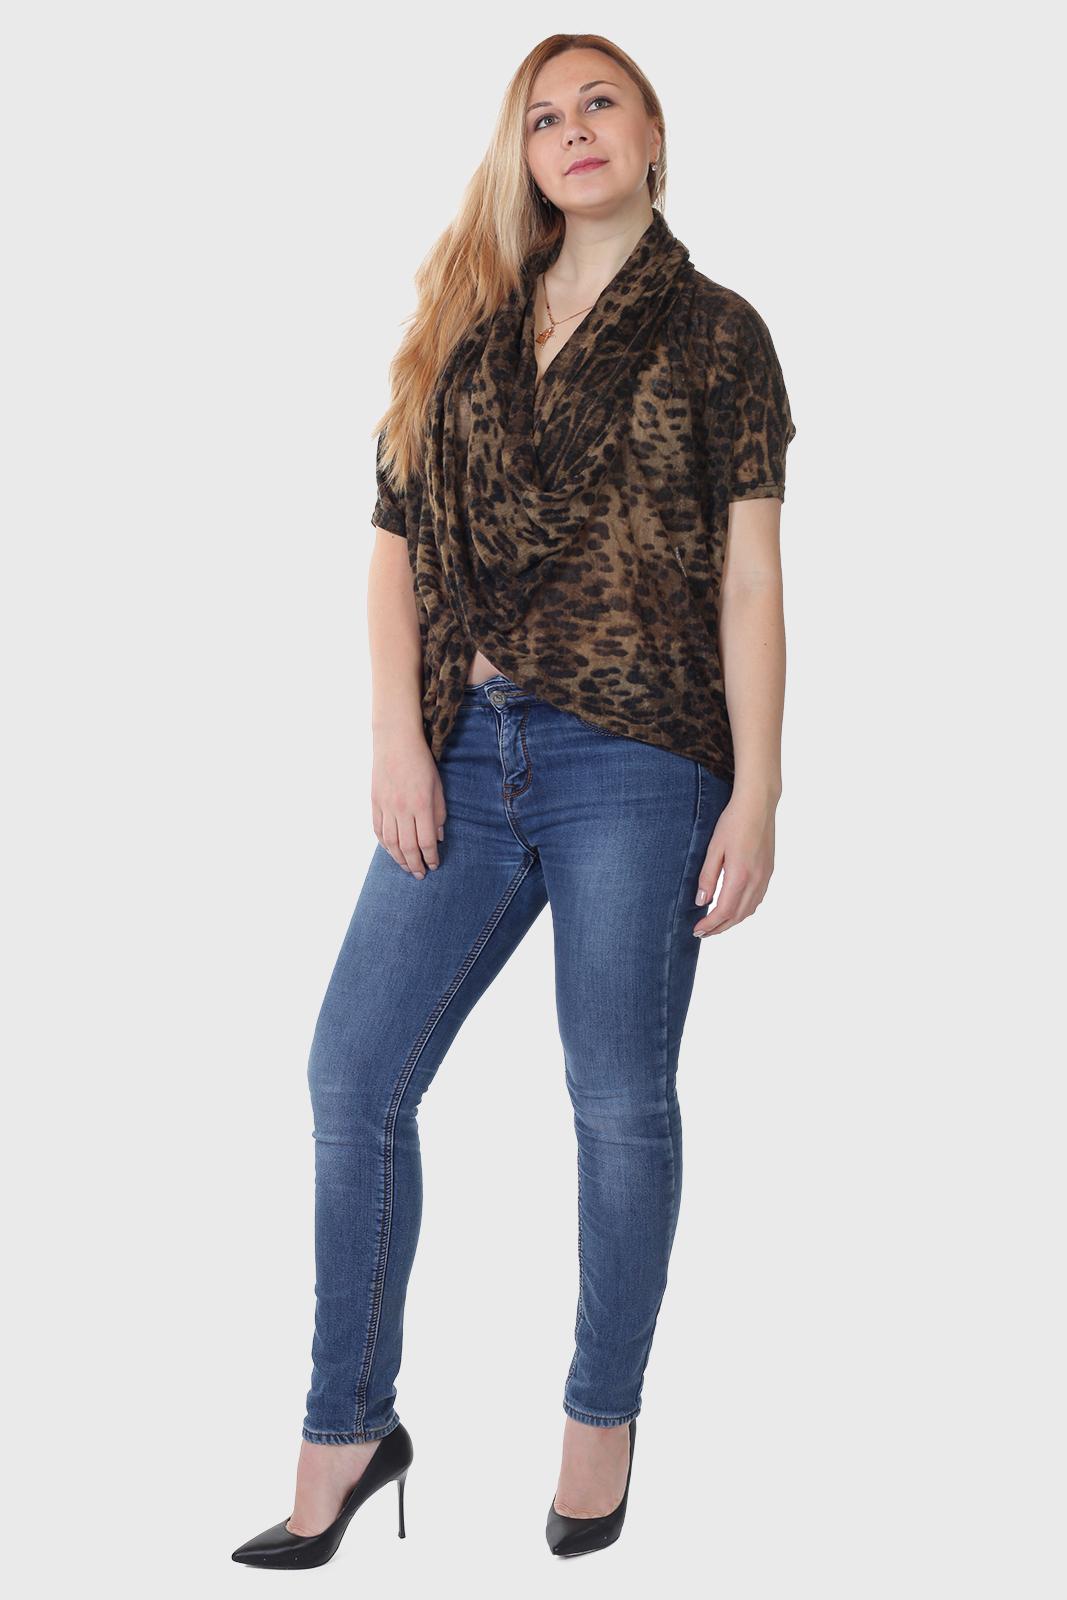 Купить в интернет магазине леопардовую трикотажную кофту Angie